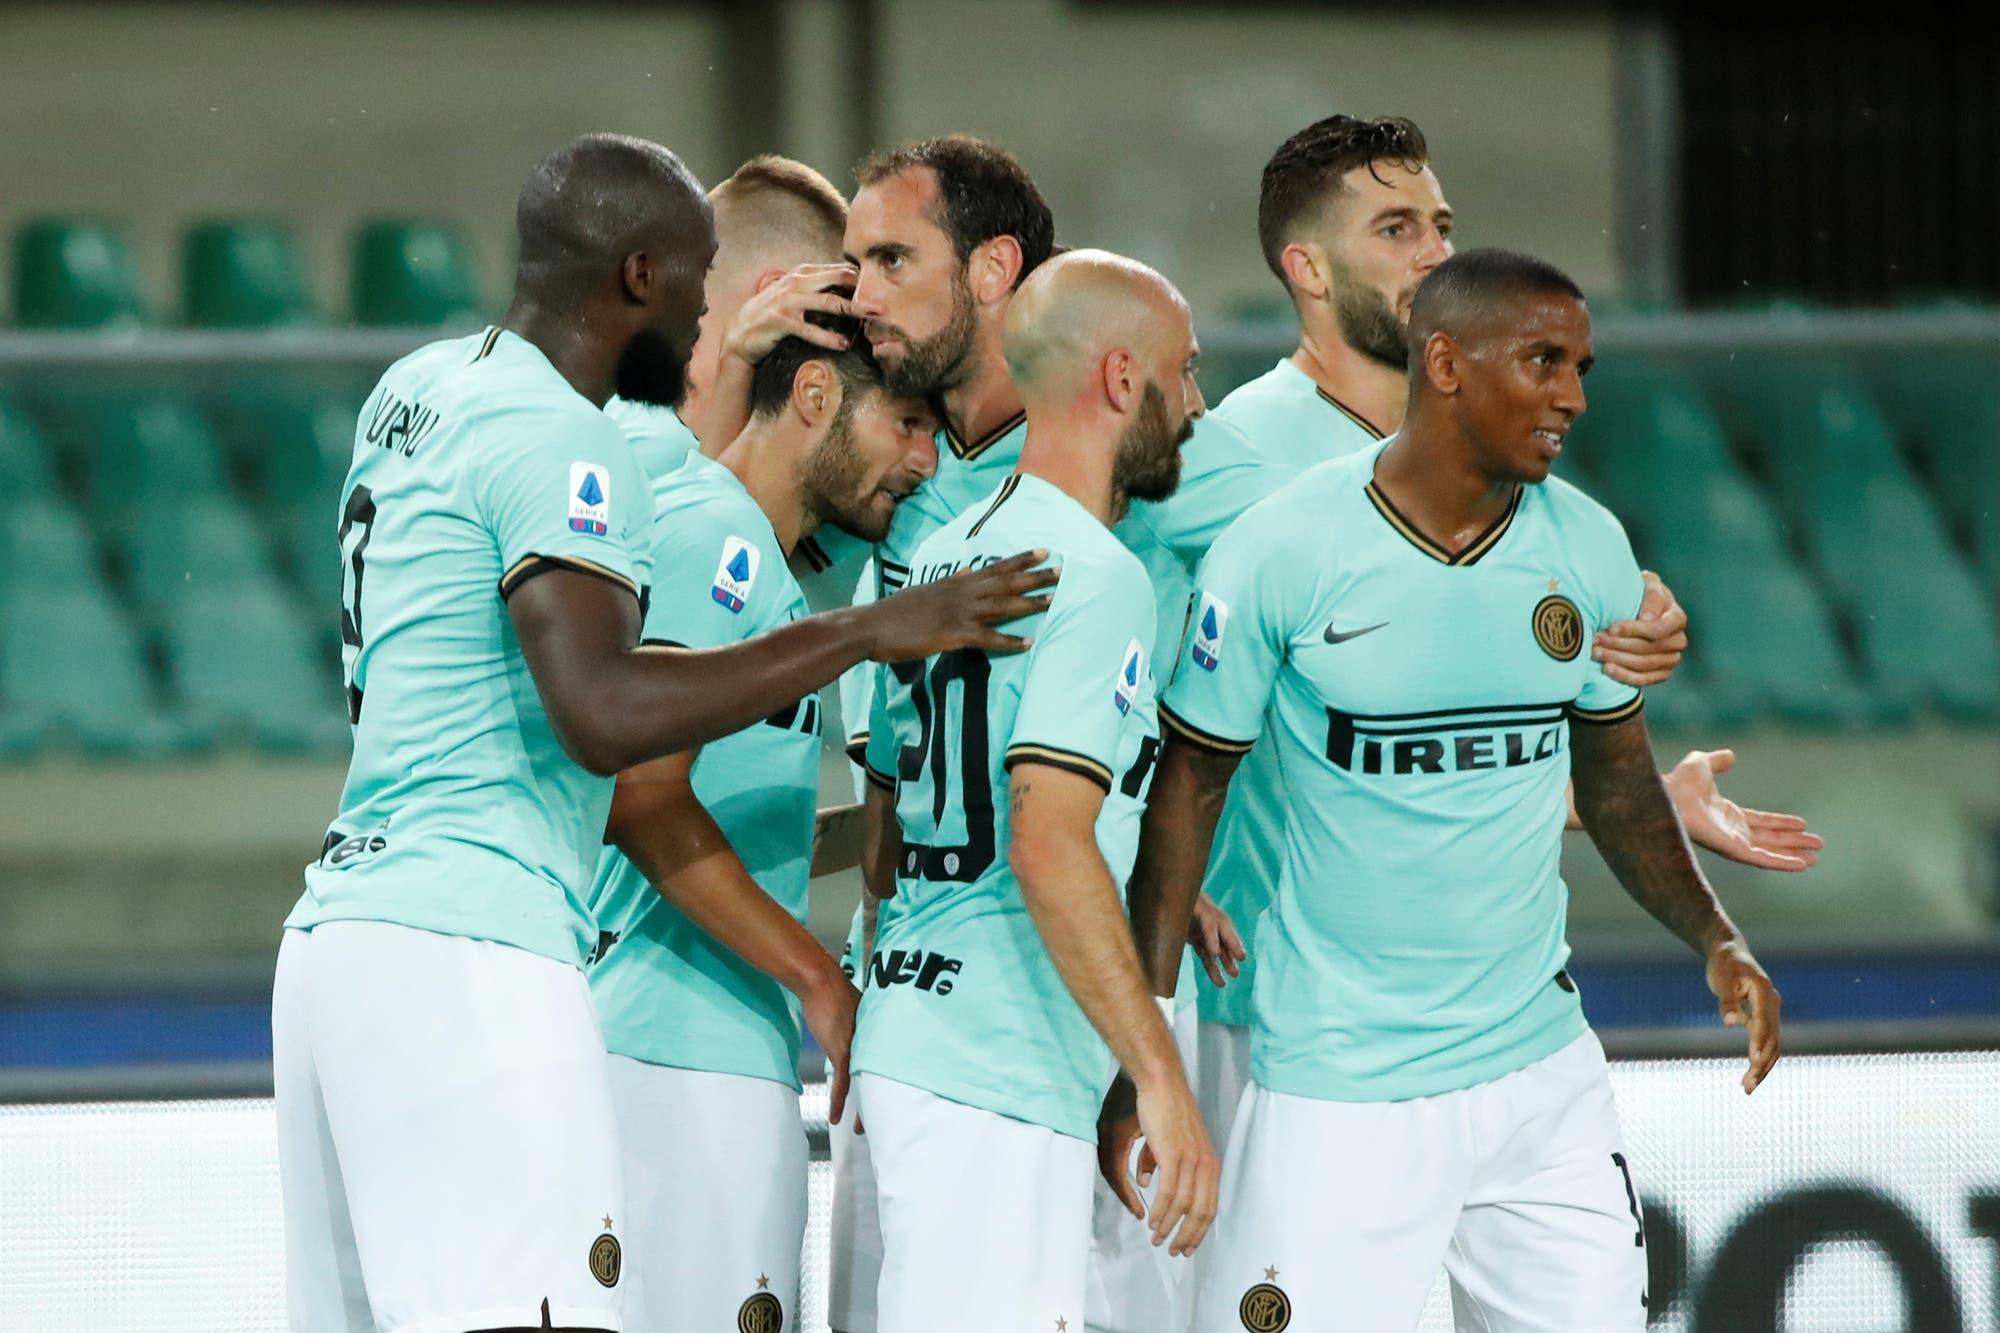 A Inter se le escapó otra vez en el final: empató con Hellas Verona y quedó a 10 puntos del puntero Juventus en la Serie A